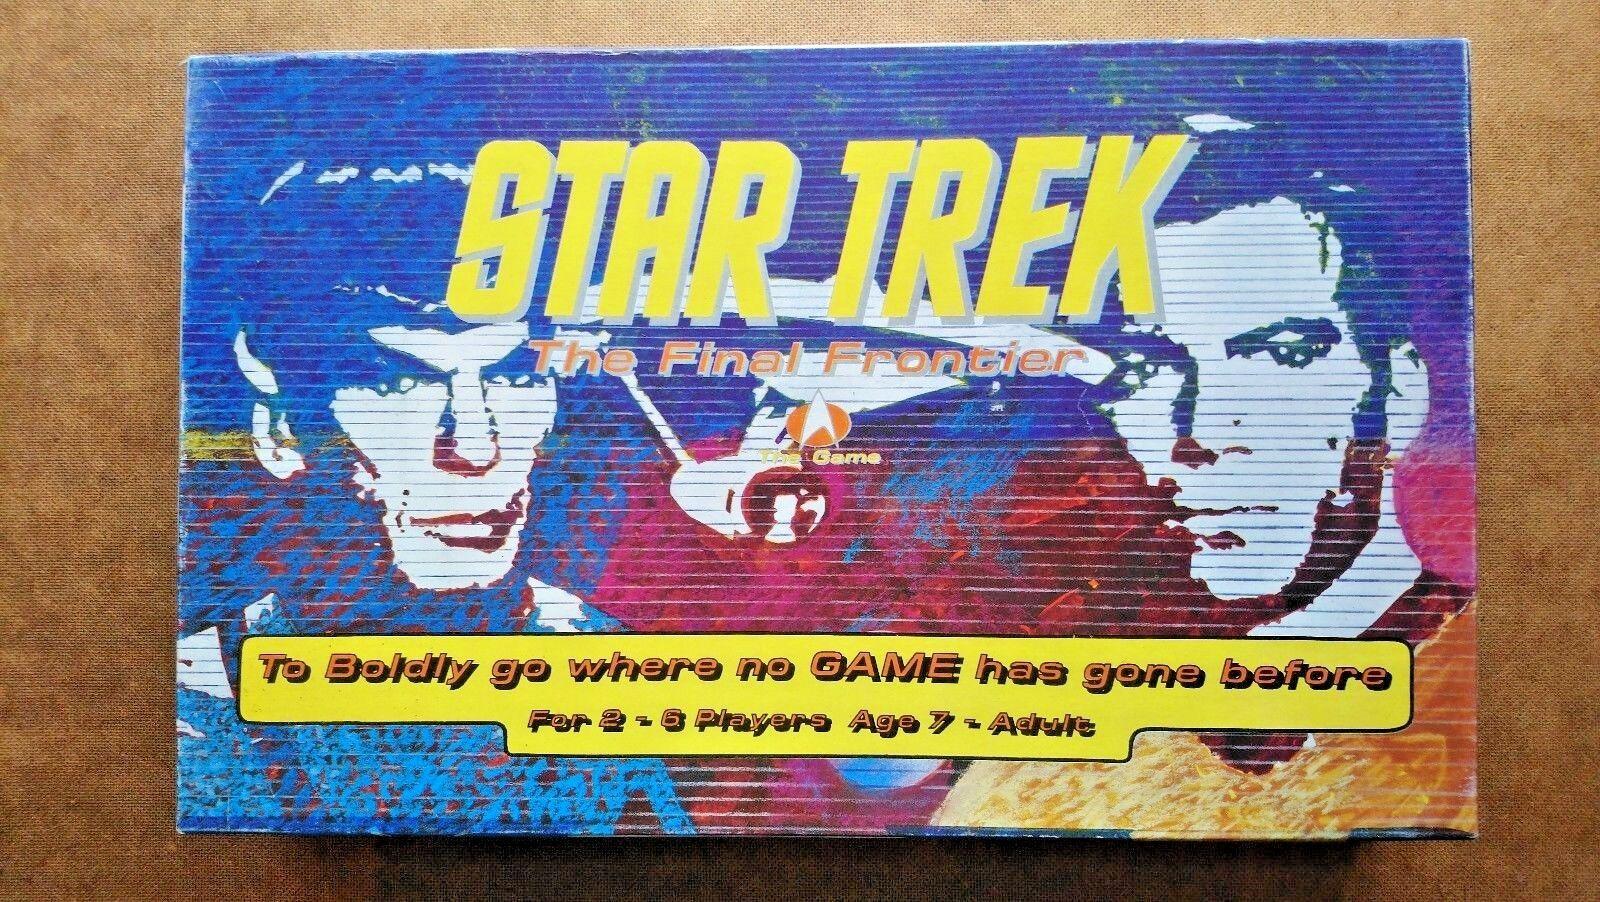 Star Trek The Final Frontier   (1992)